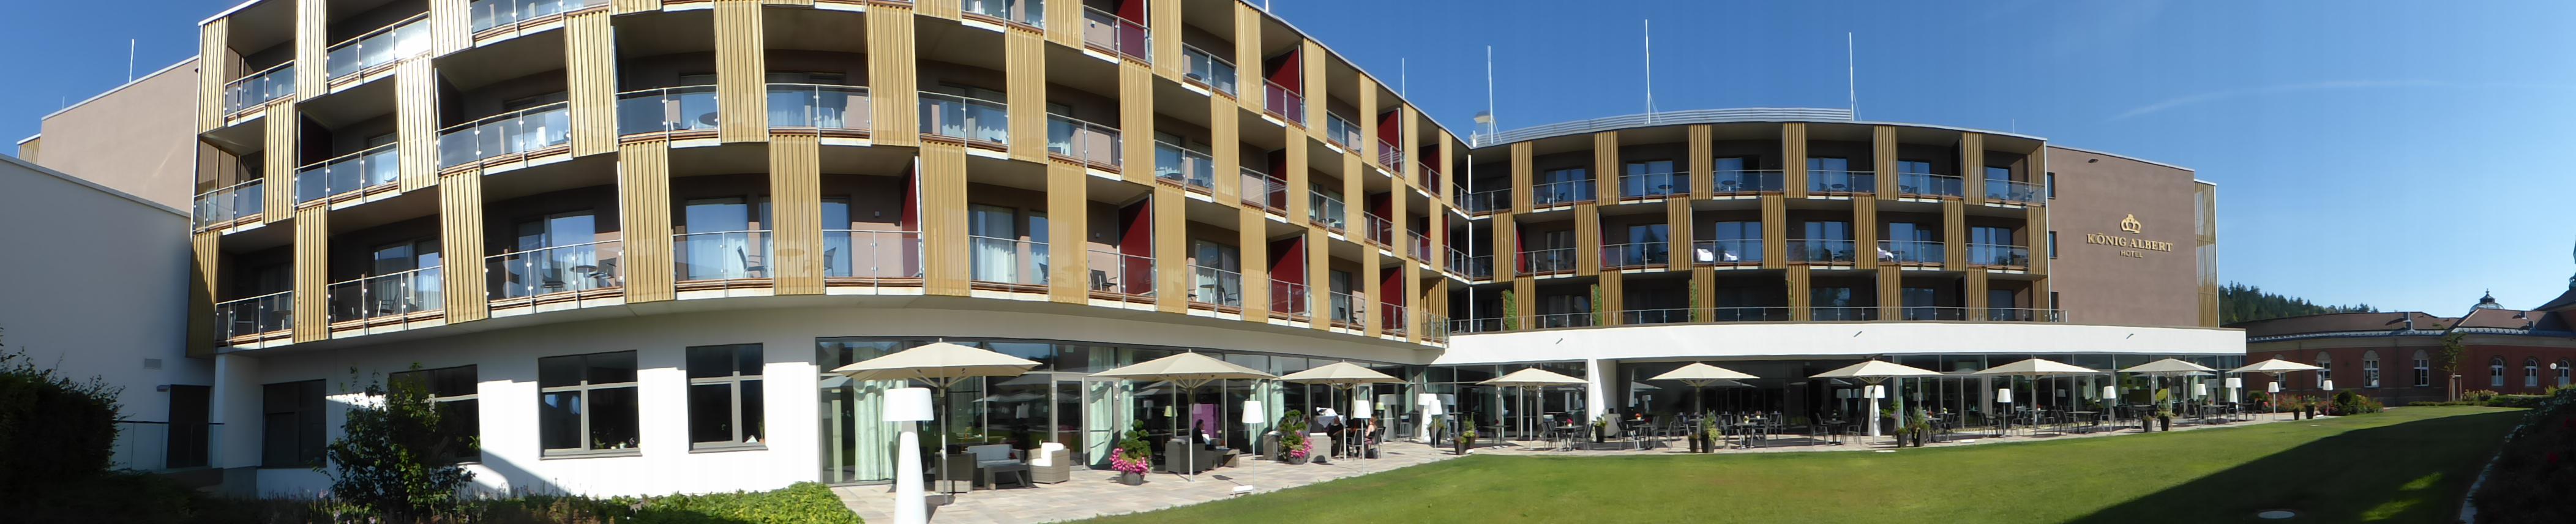 Das mondäne König Albert Hotel in Bad Elster/Vogtland, Foto: Weirauch